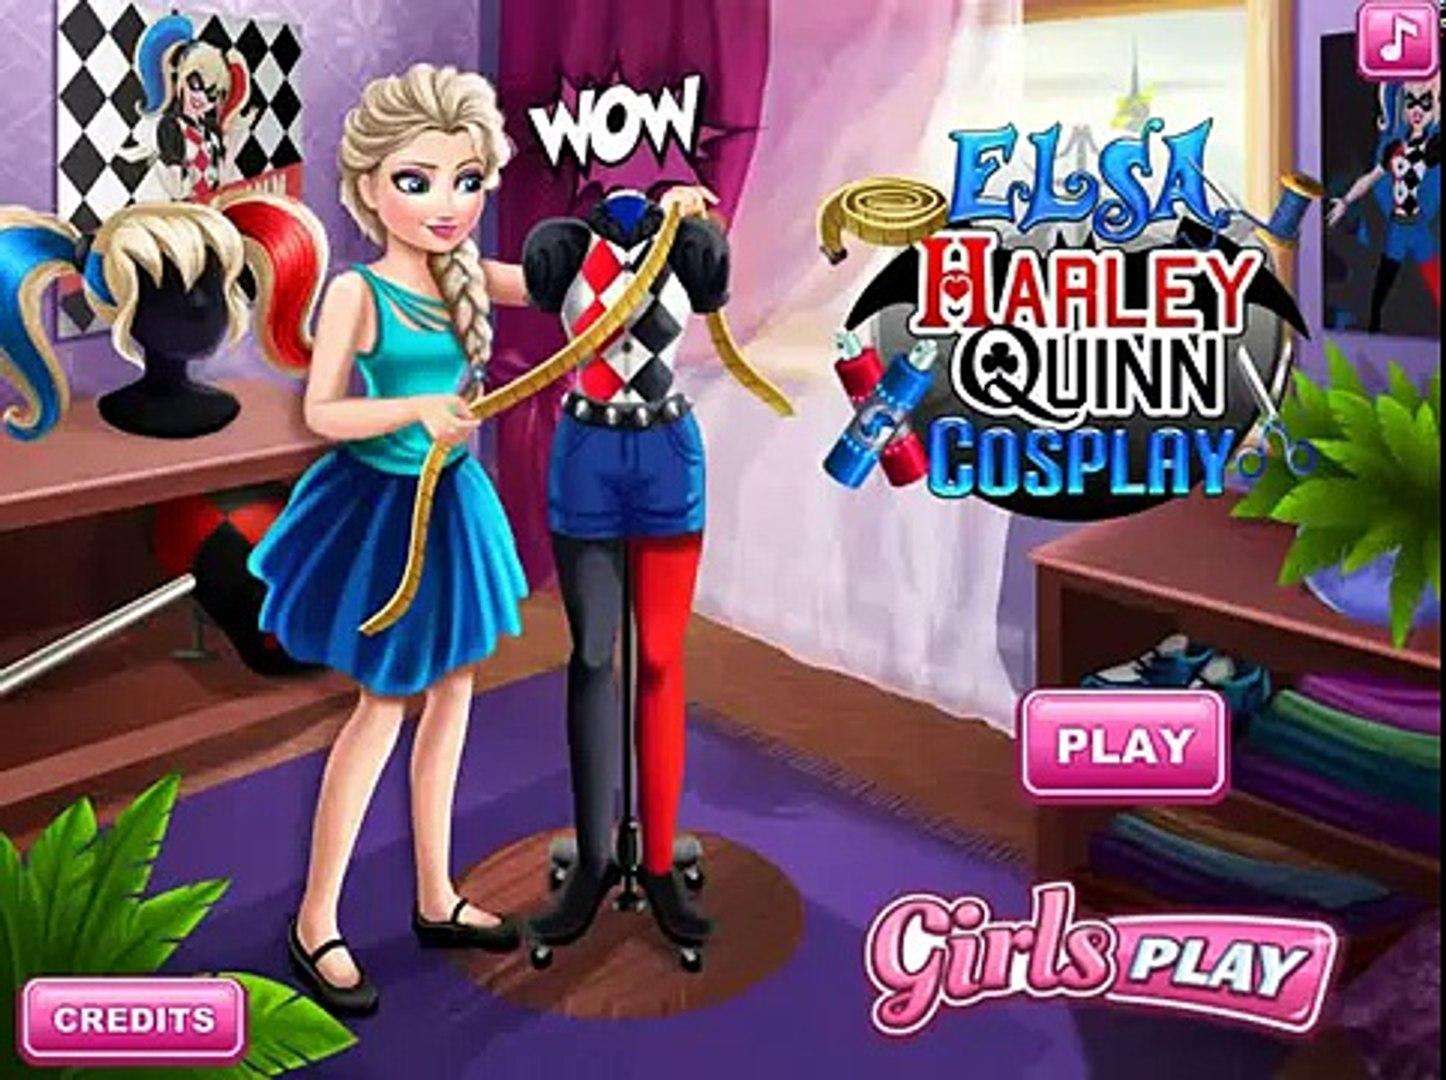 Joker Draws On Harley Quinn Joker Y Harley Quinn Love Story Joker Dibuja En Harley Kv